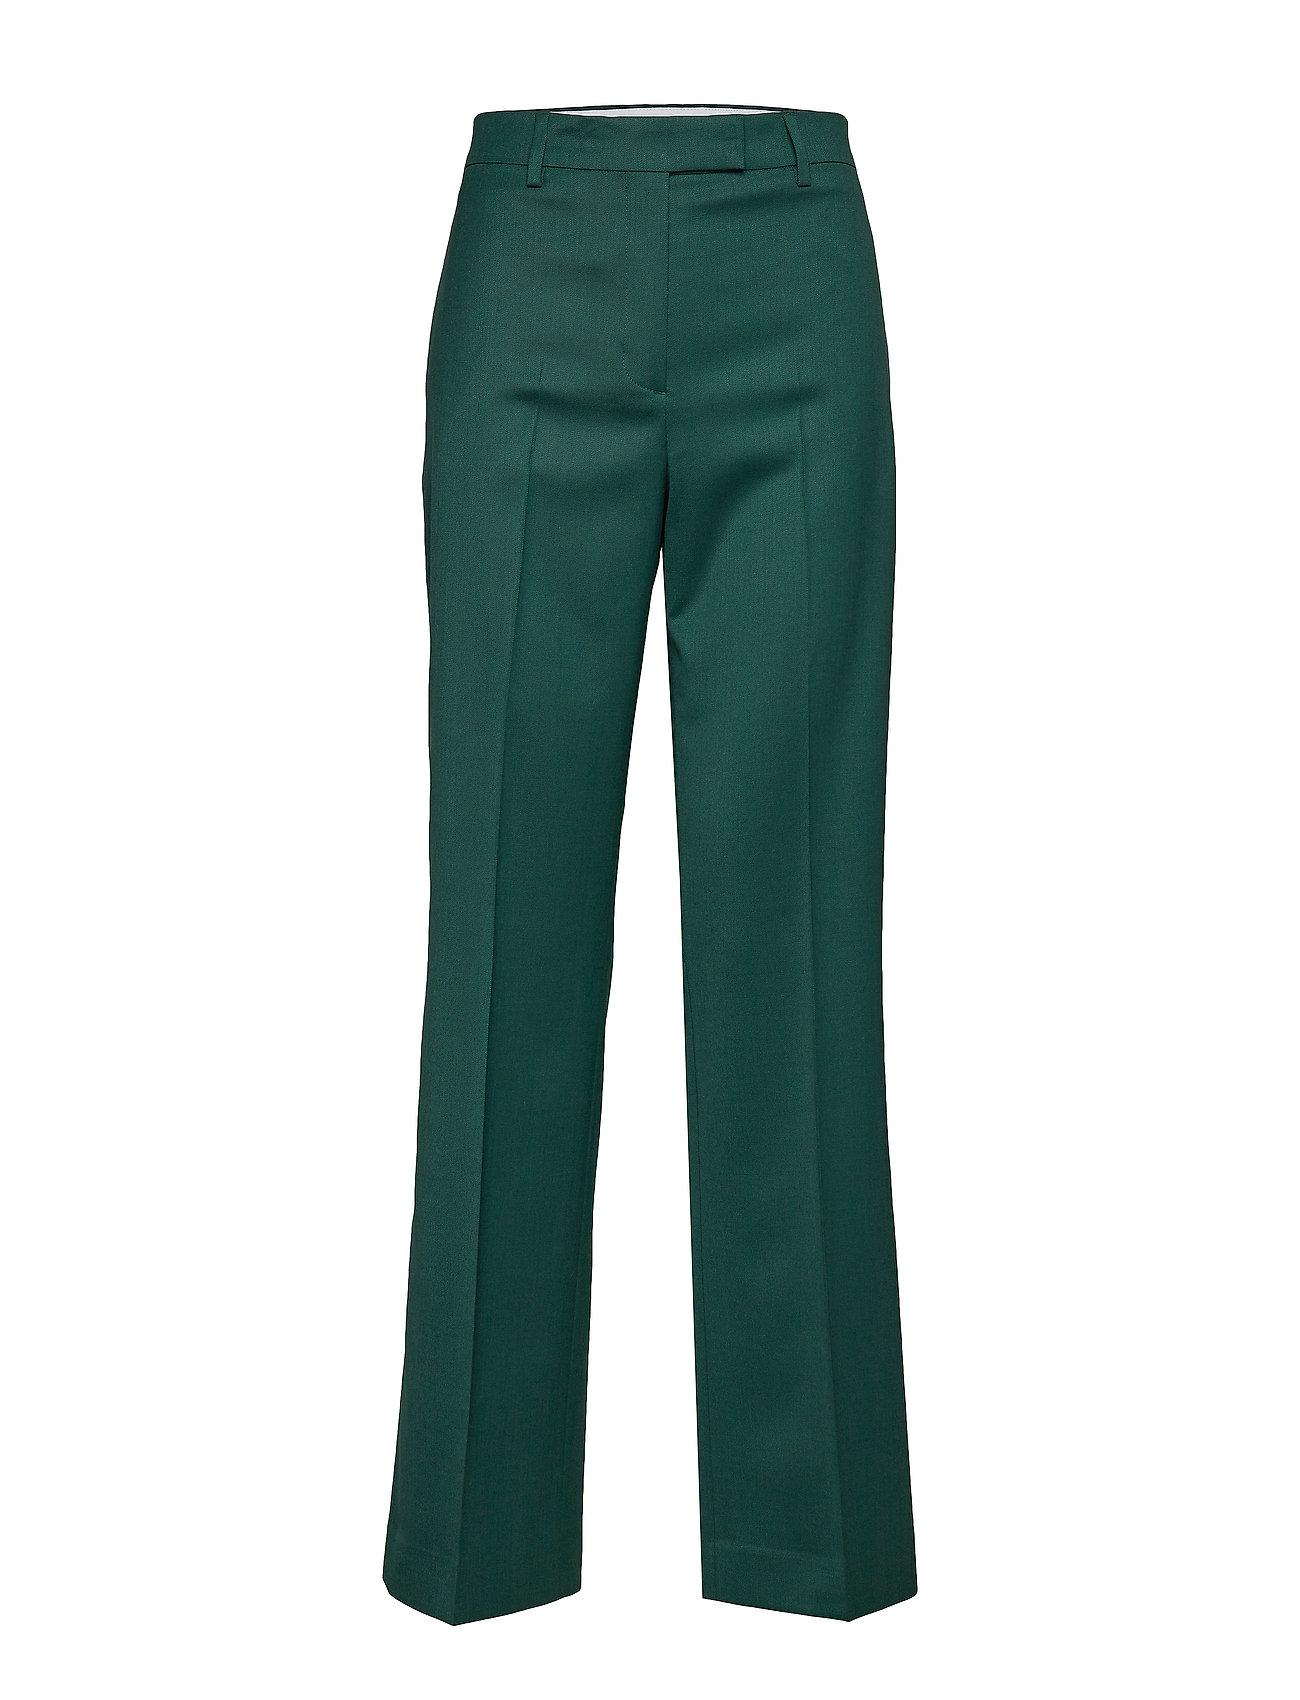 Calvin Klein WOOL TWILL WIDE LEG - CK PINE